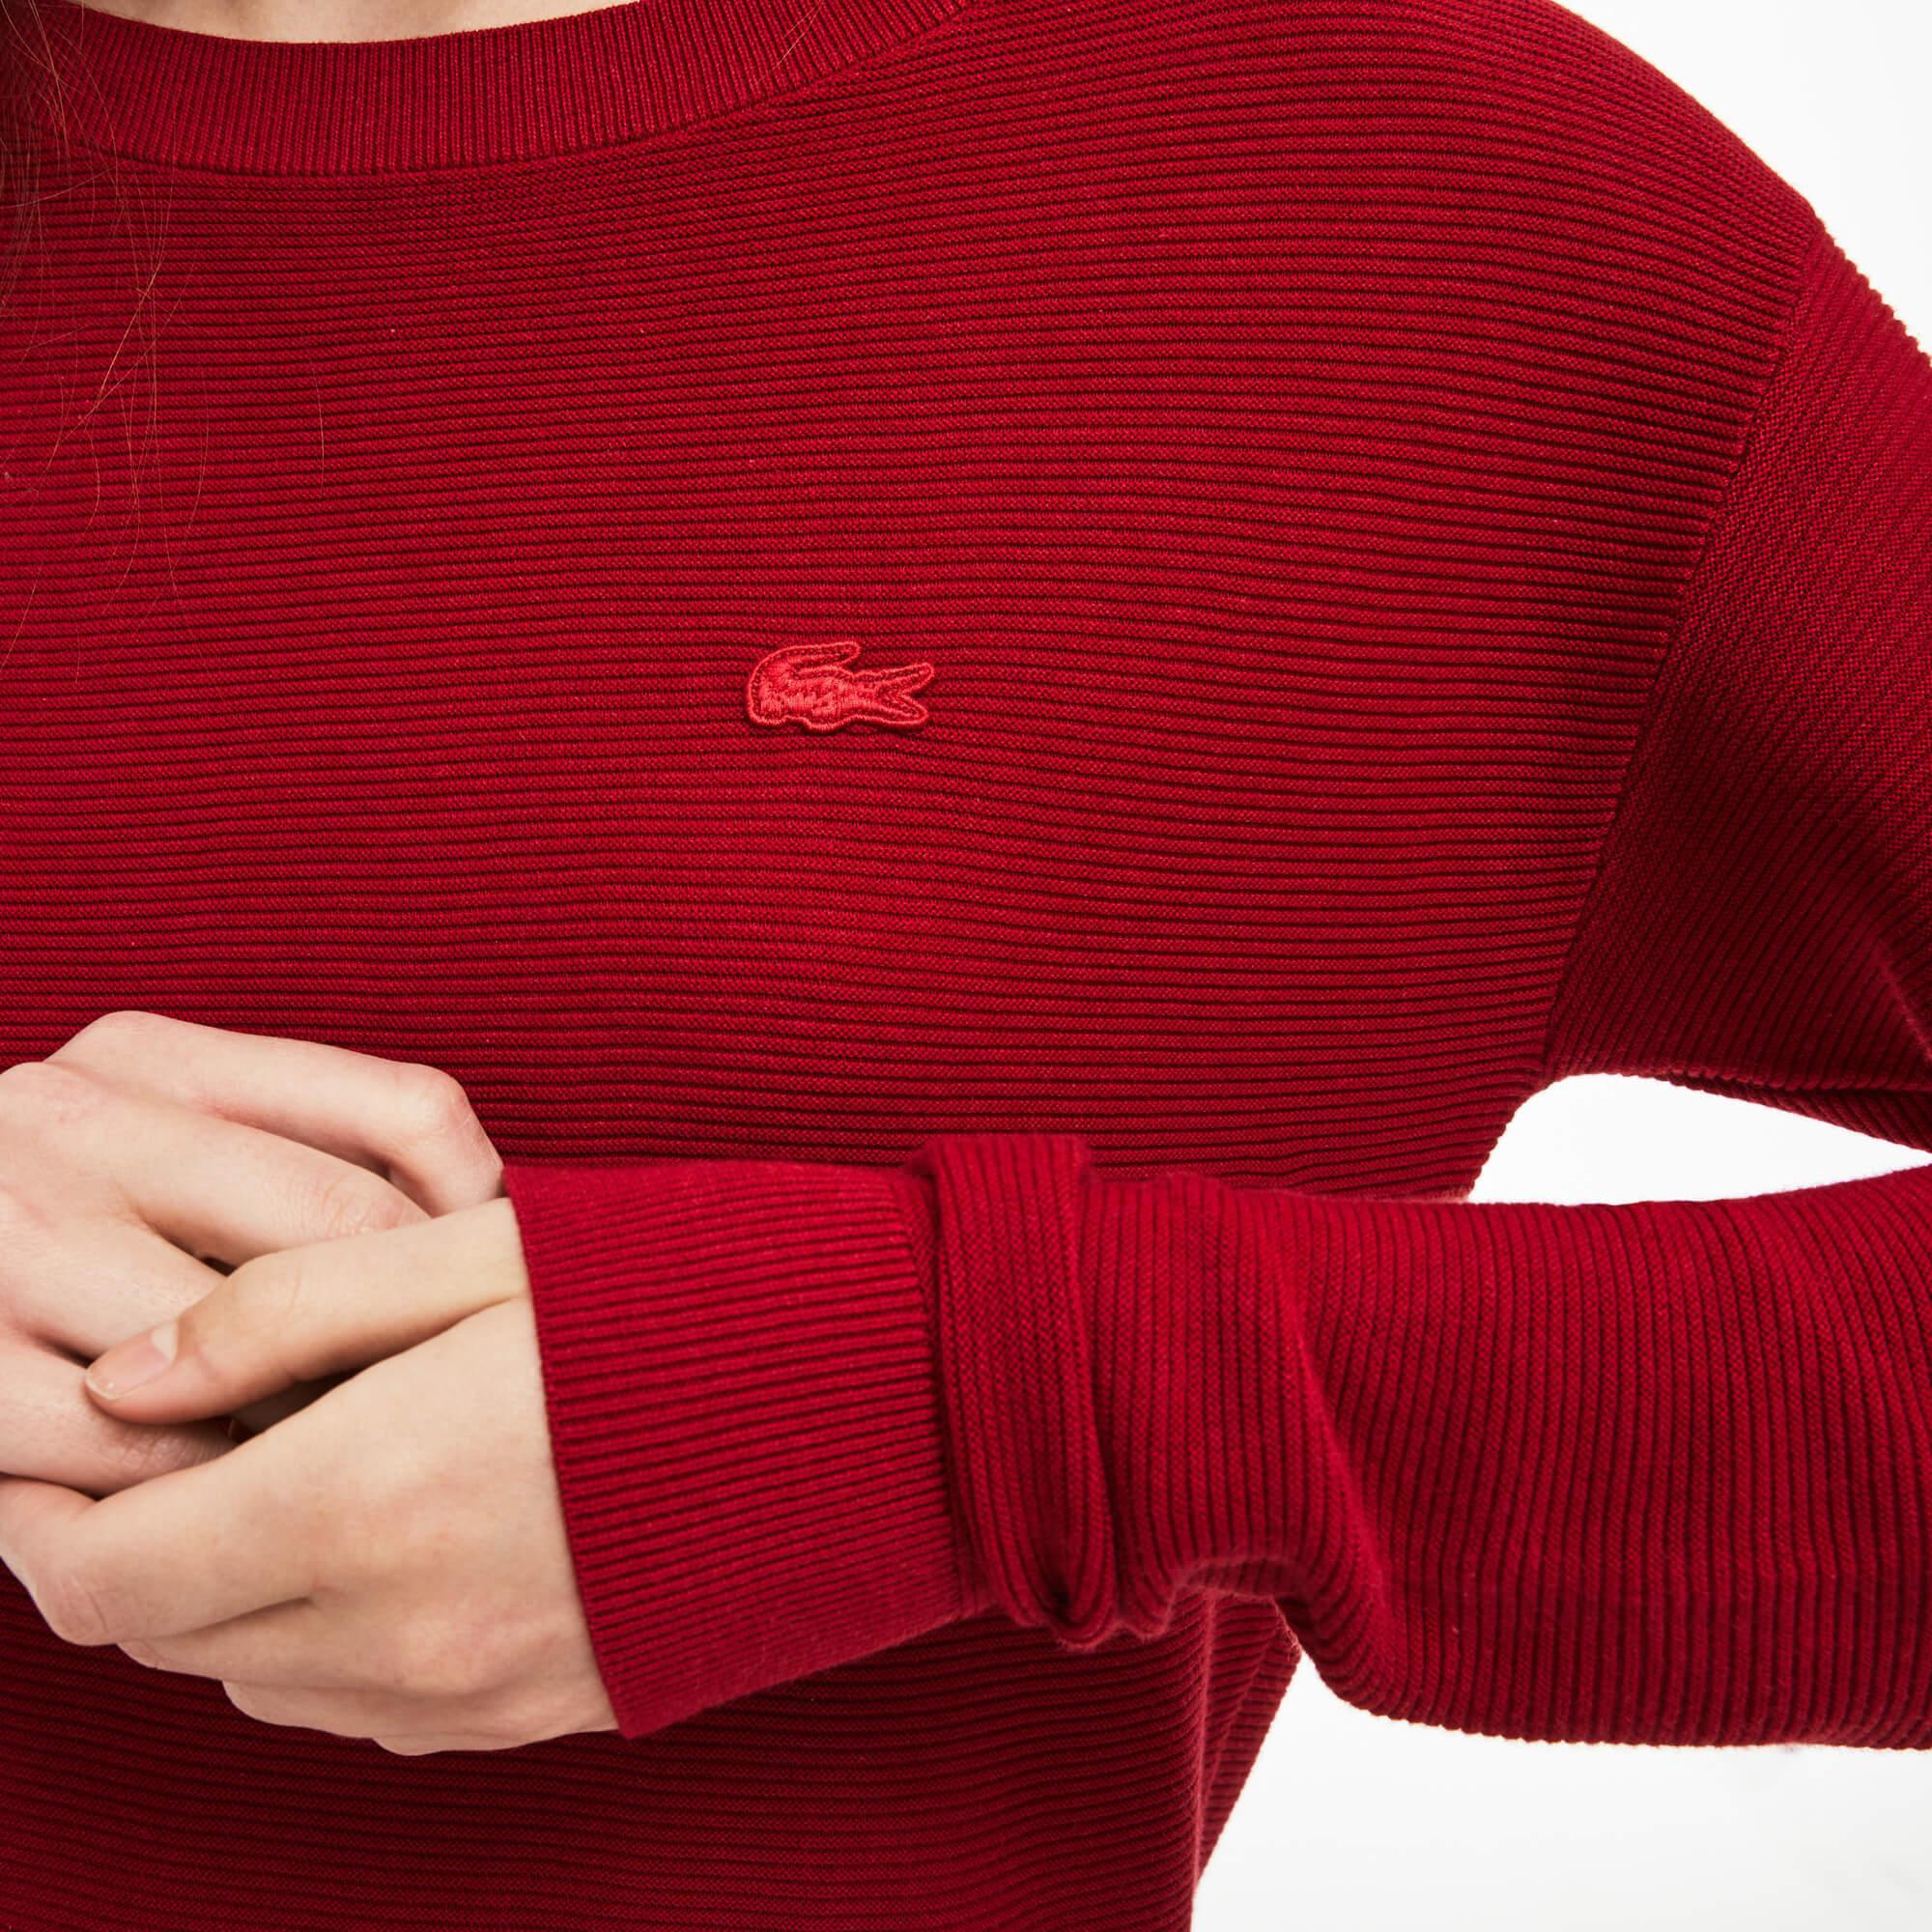 Lacoste Kadın Koyu Kırmızı Triko Kazak